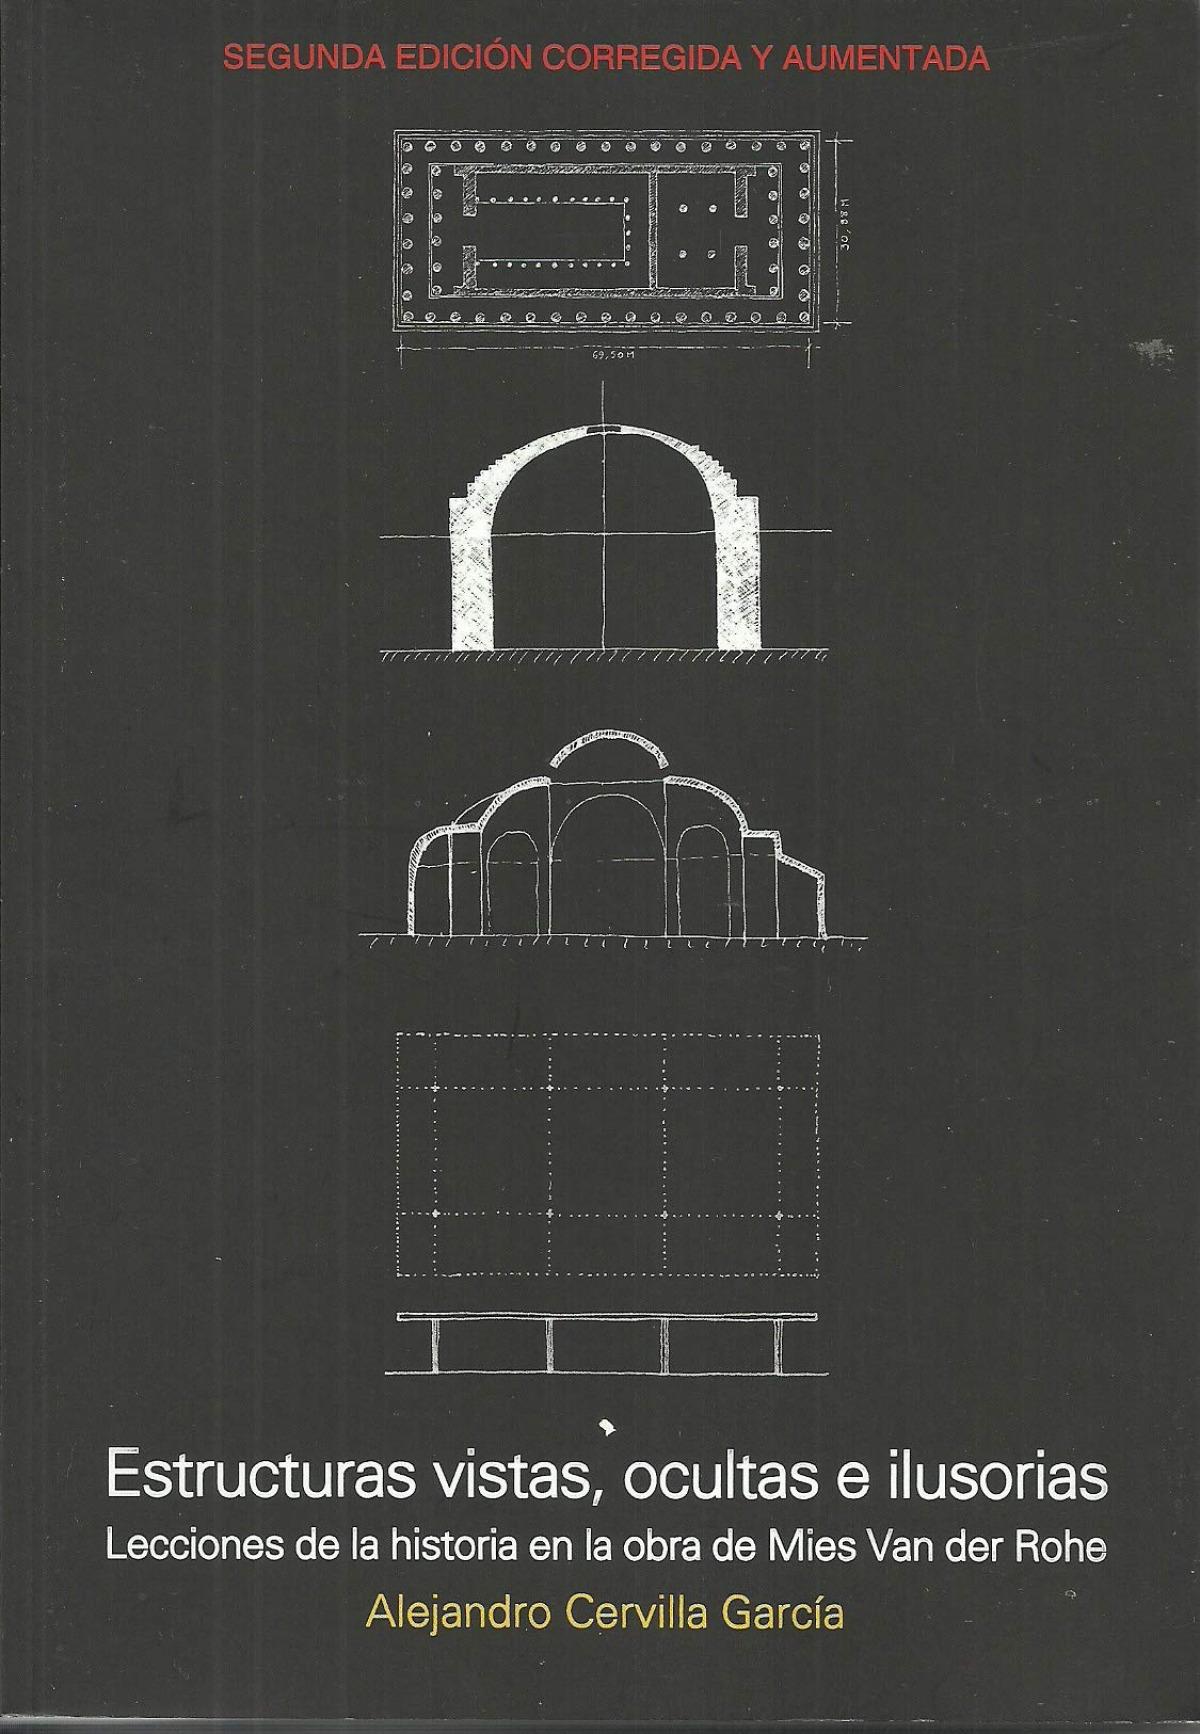 ESTRUCTURAS VISTAS, OCULTAS E ILUSORIAS (2ª EDICIÓN)